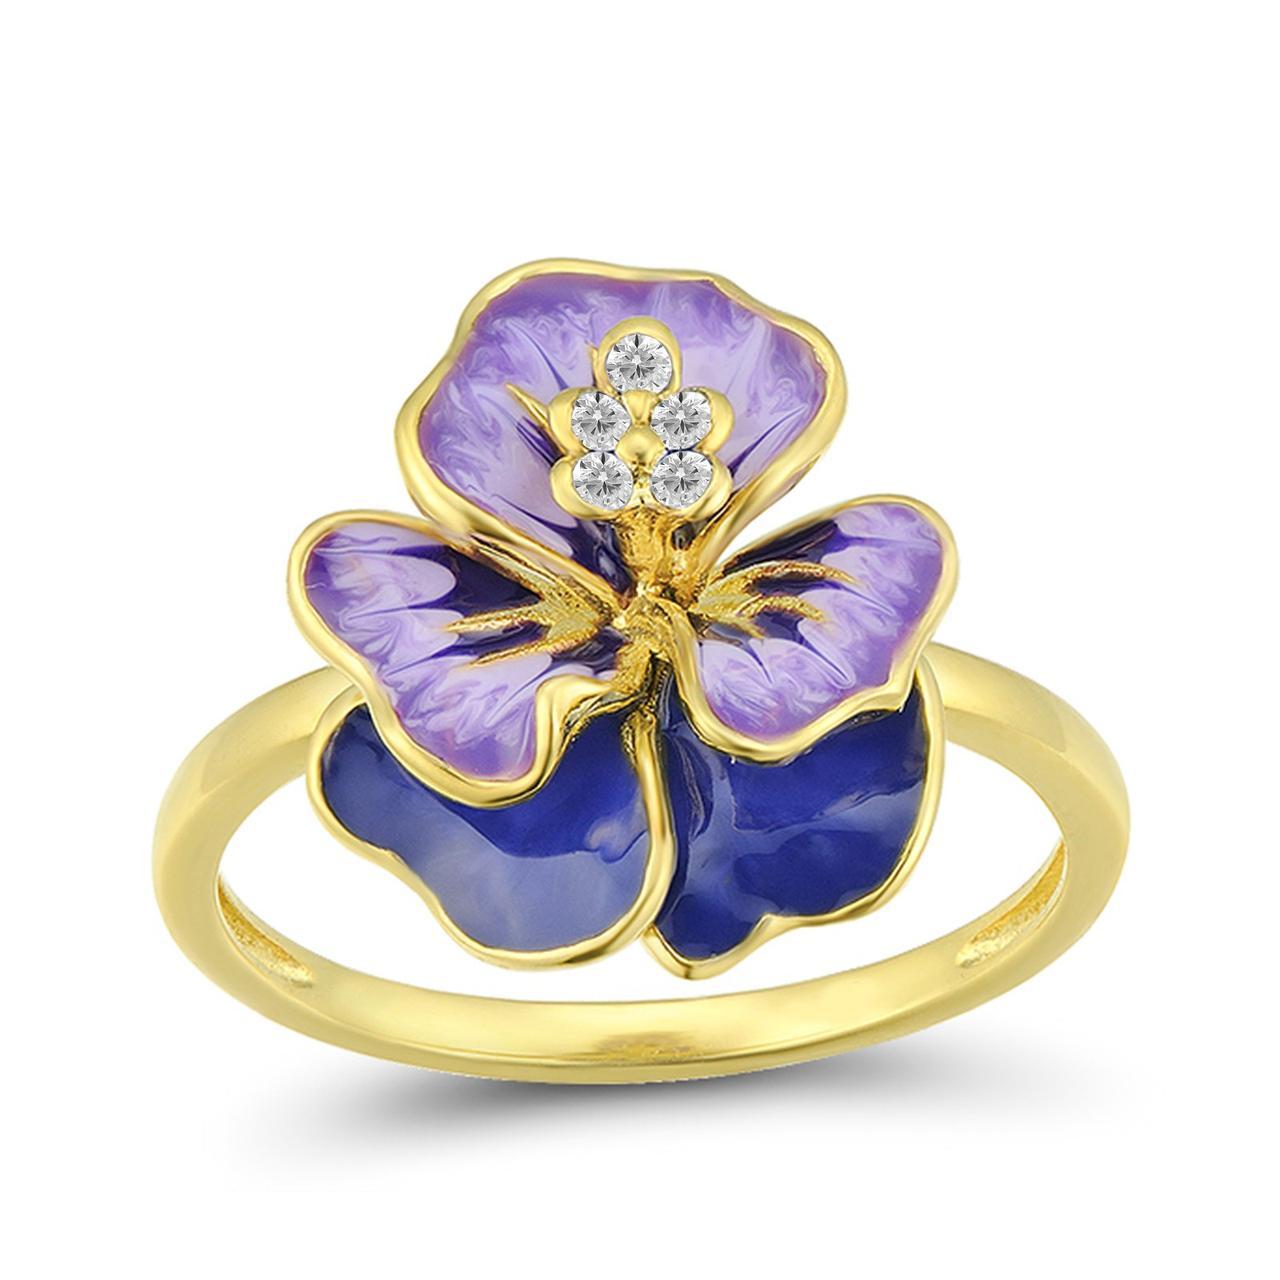 Золотое кольцо с сапфирами и эмалью, размер 16 (1681453)